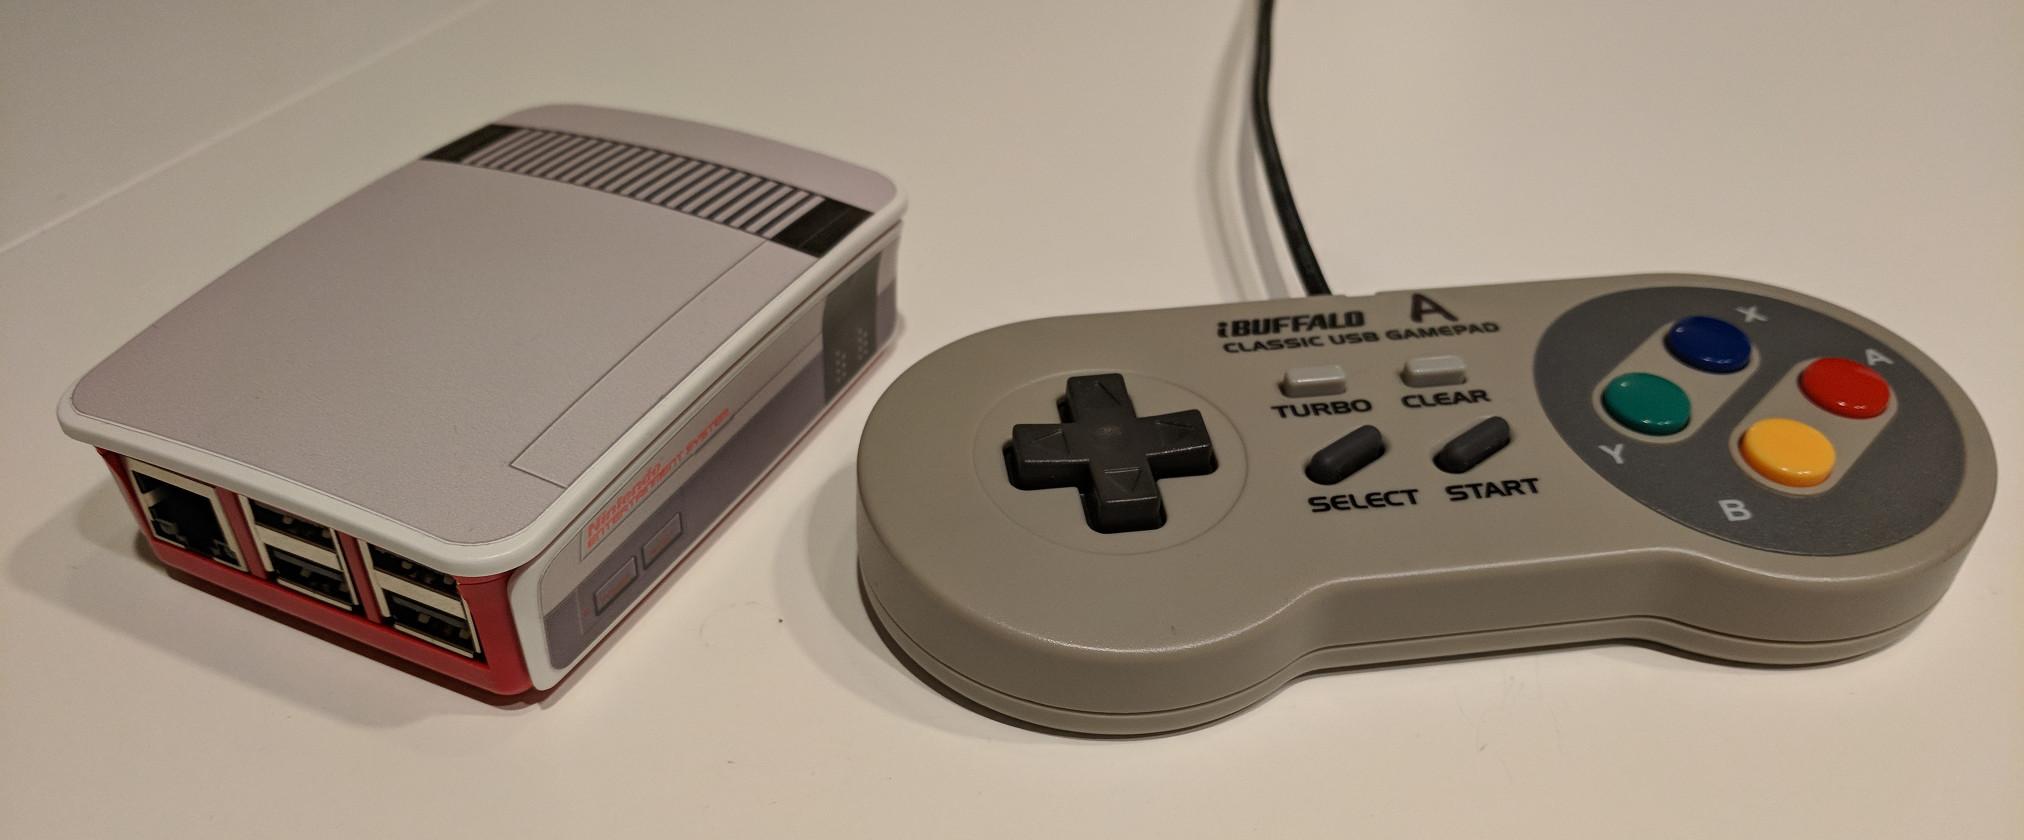 tolaris com · RetroPie: all your classic video games in one